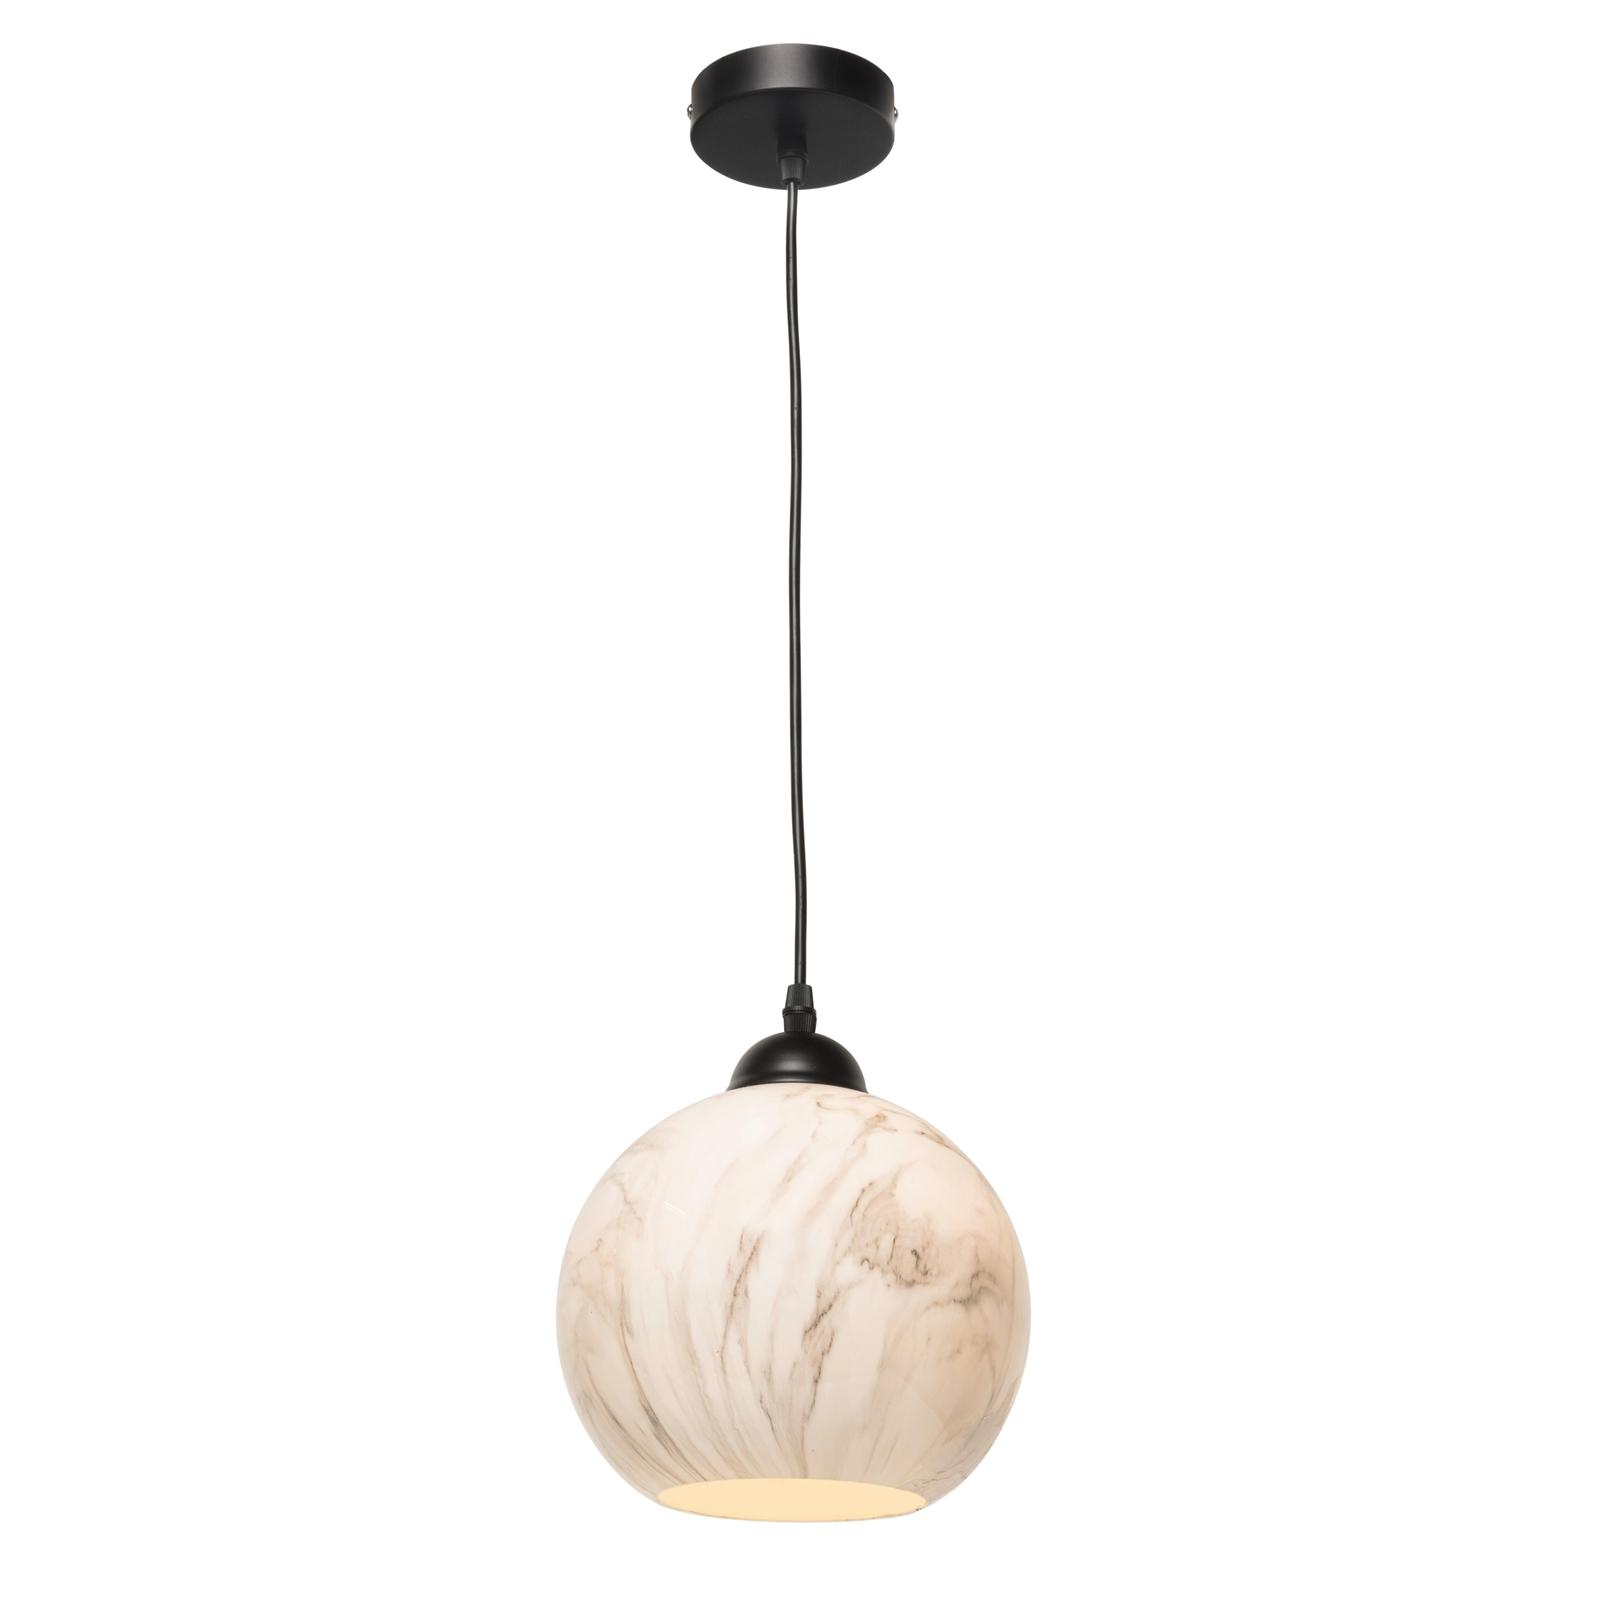 Brilliant 240V White Attis Ball Pendant Light